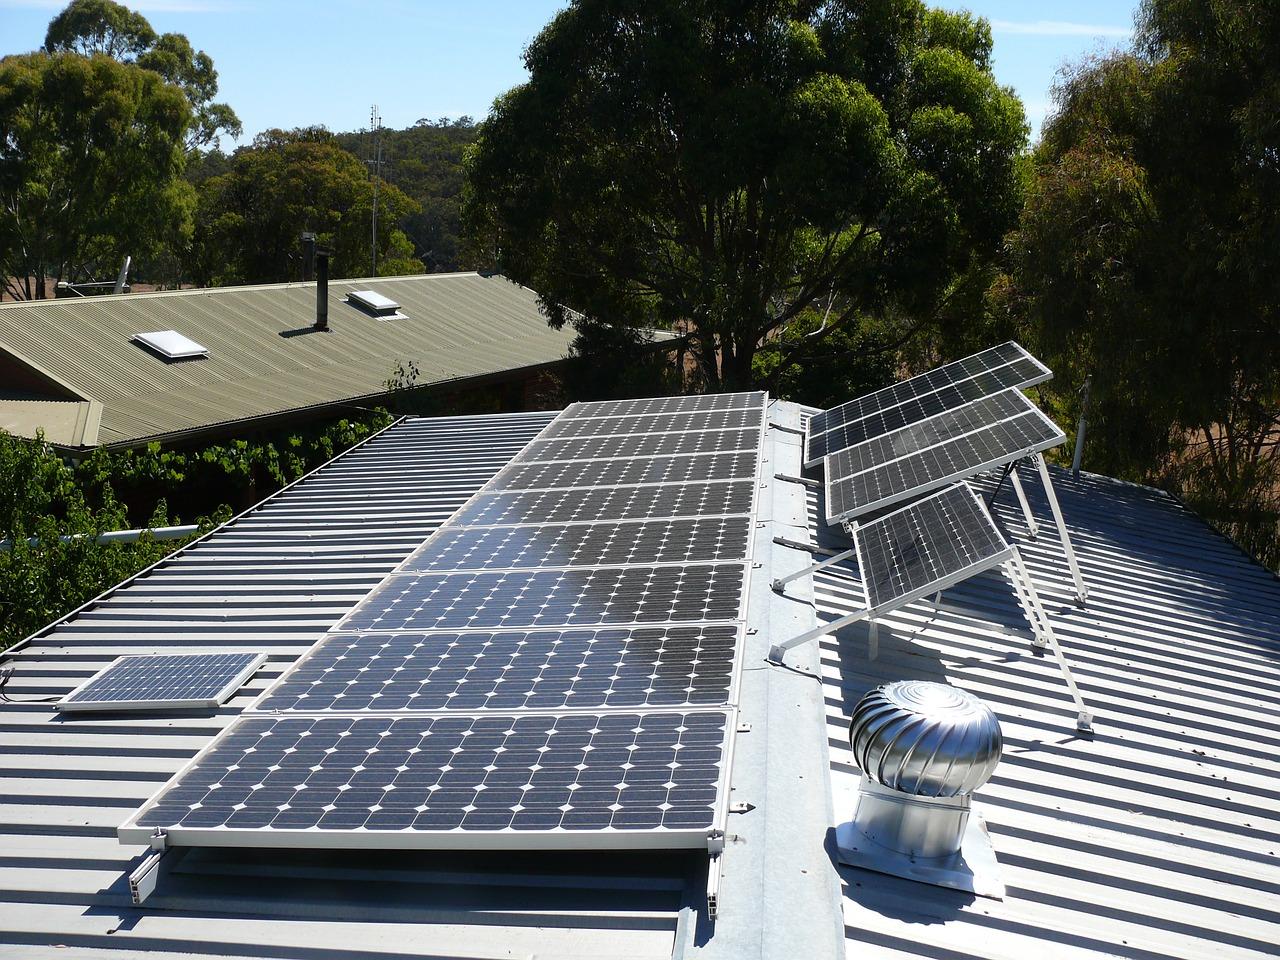 工廠為確保產線不斷電,可採用防災併聯型太陽光電系統